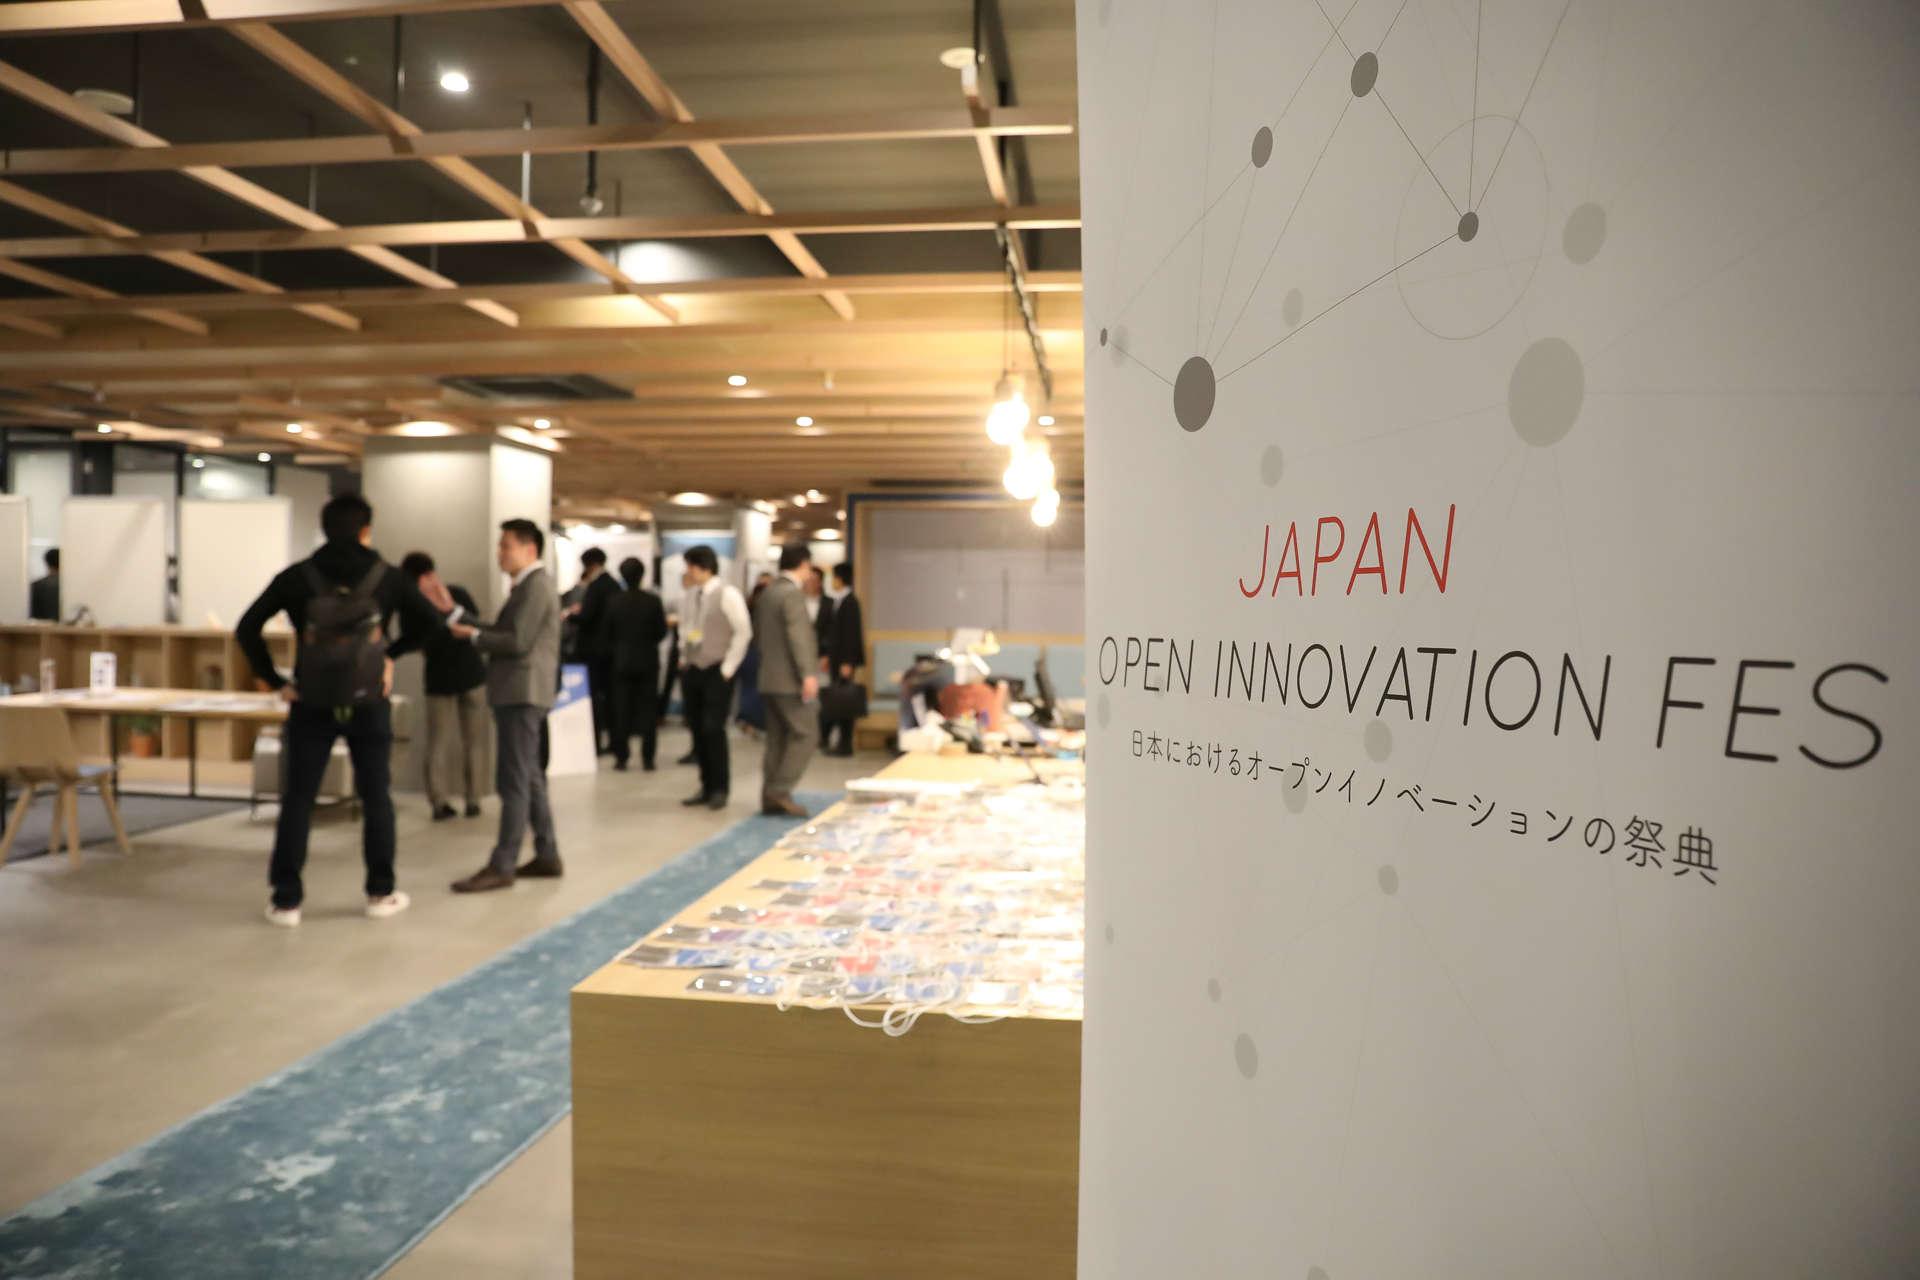 【JAPAN OPEN INNOVATION FESイベントレポート(1)】 グロービス・今野氏の登壇模様をレポート!